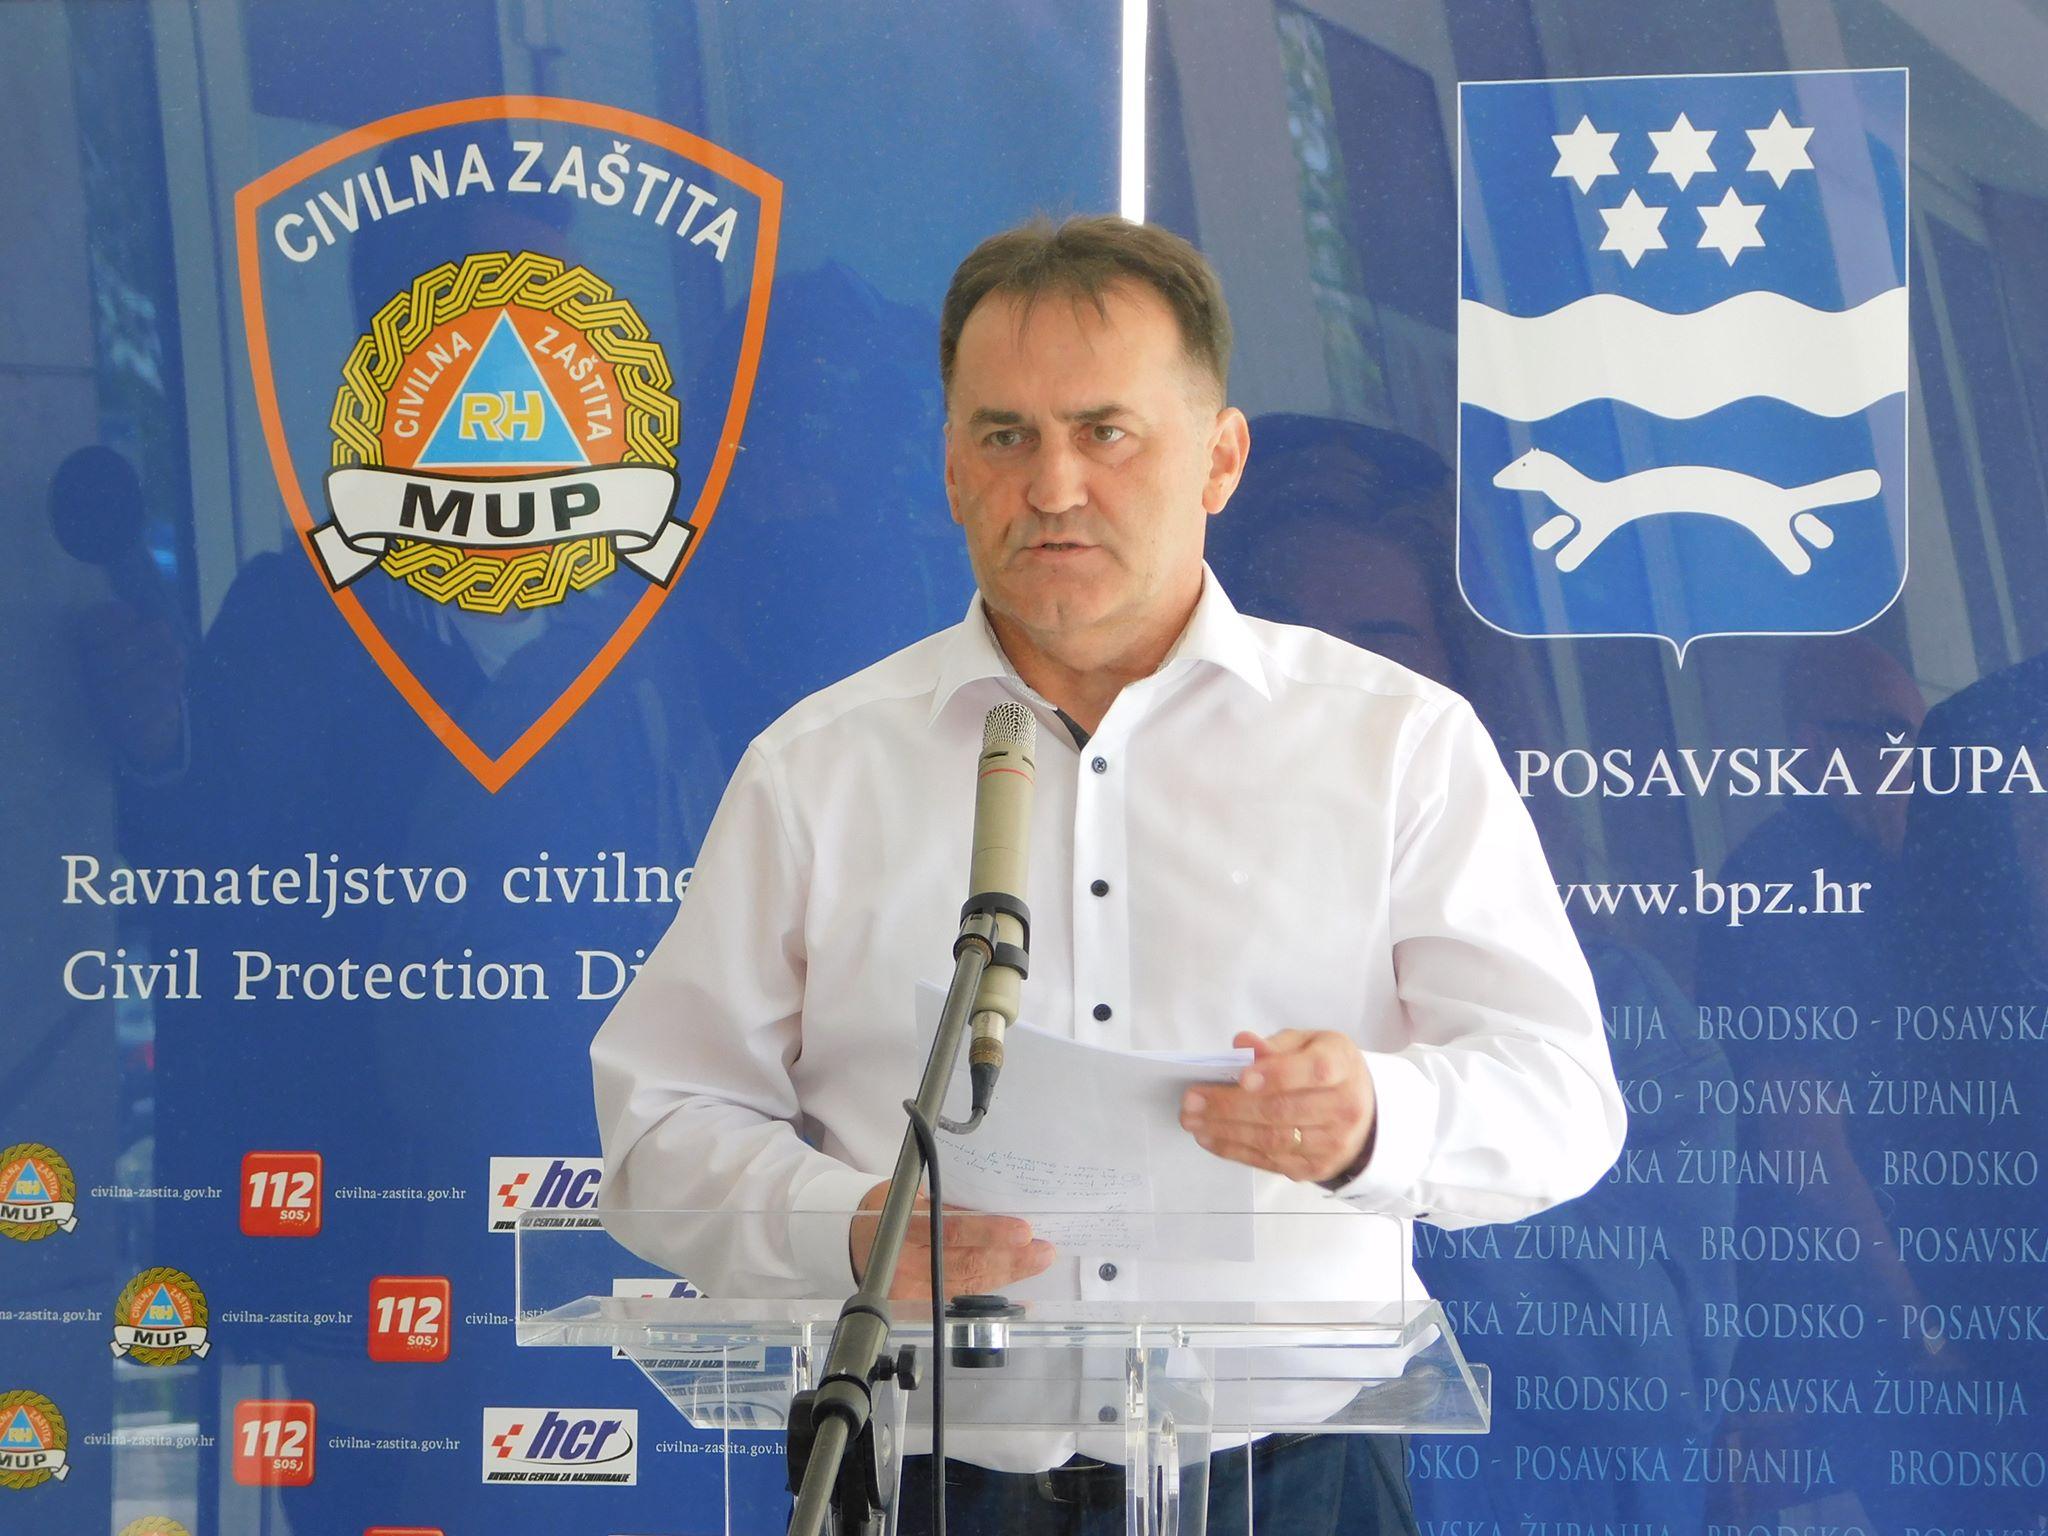 Priopćenje Stožera: Nema novih slučajeva zaraze koronavirusom u Brodsko-posavskoj županiji